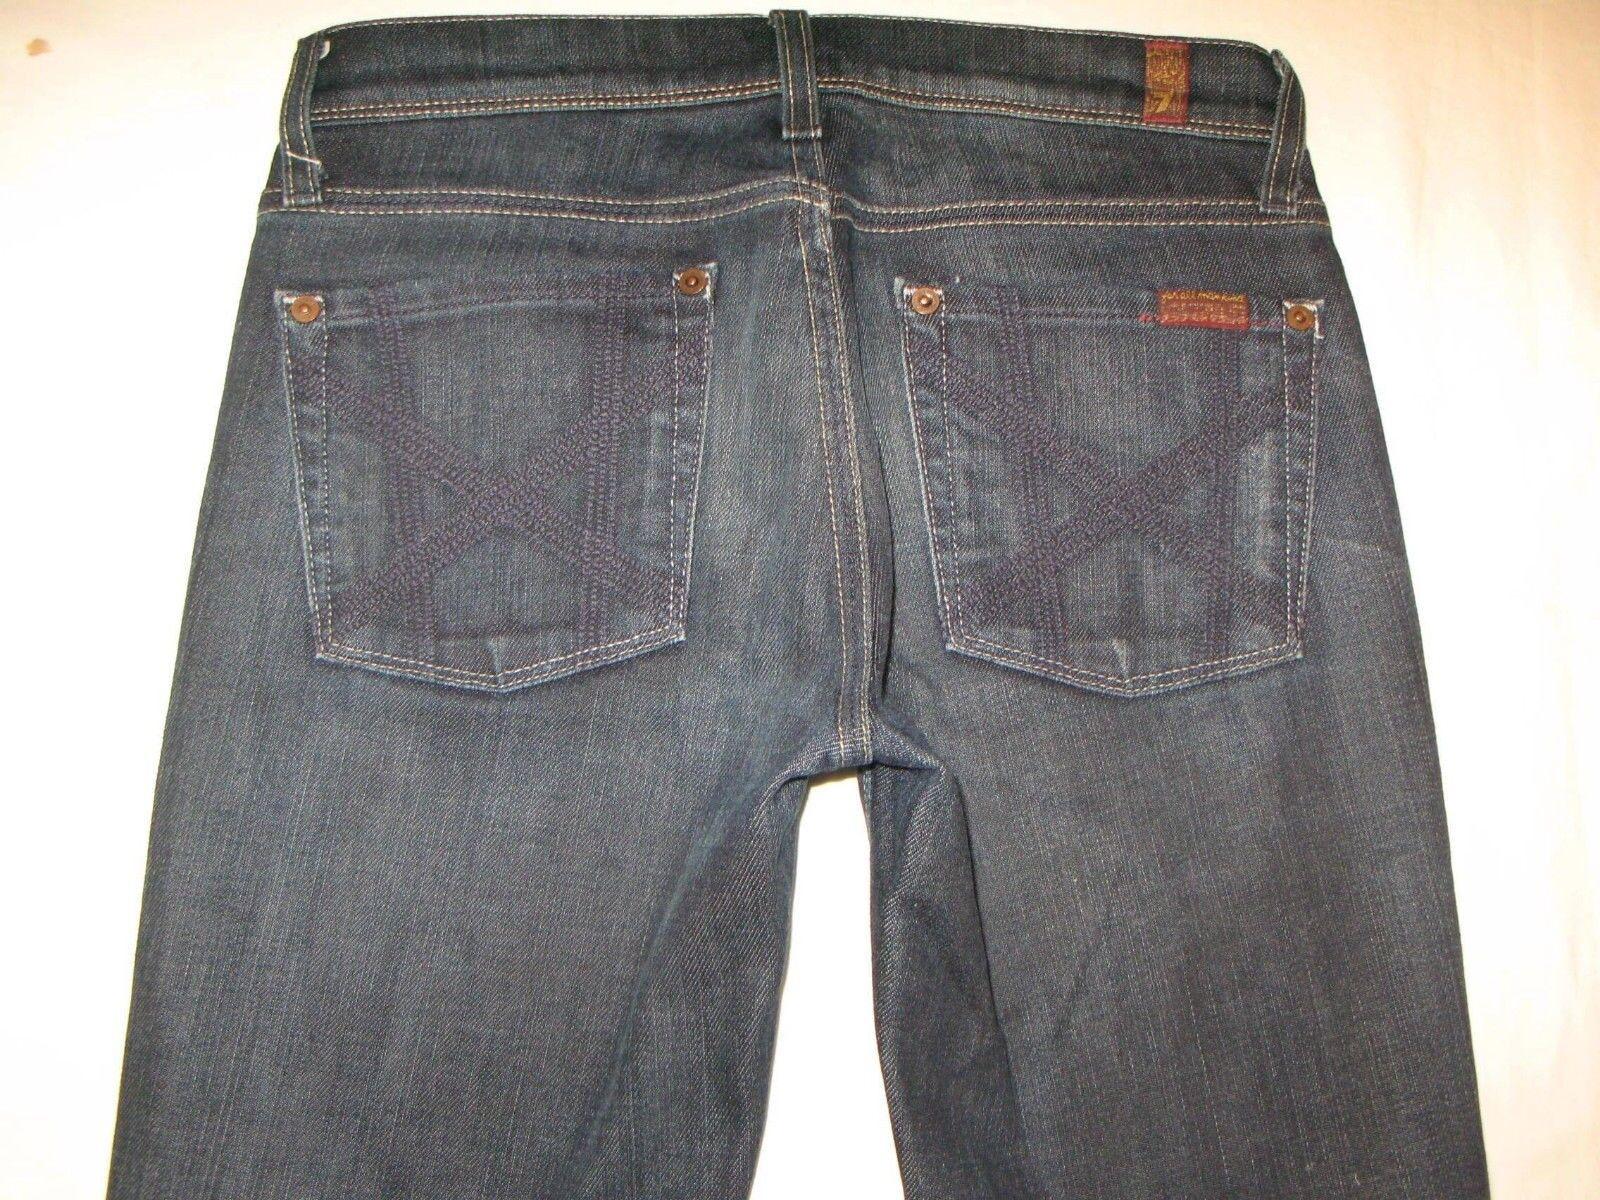 7 For All Mankind Womens Mia Jeans Sz 26 Low Slim Bootcut Dark Wash w Stretch